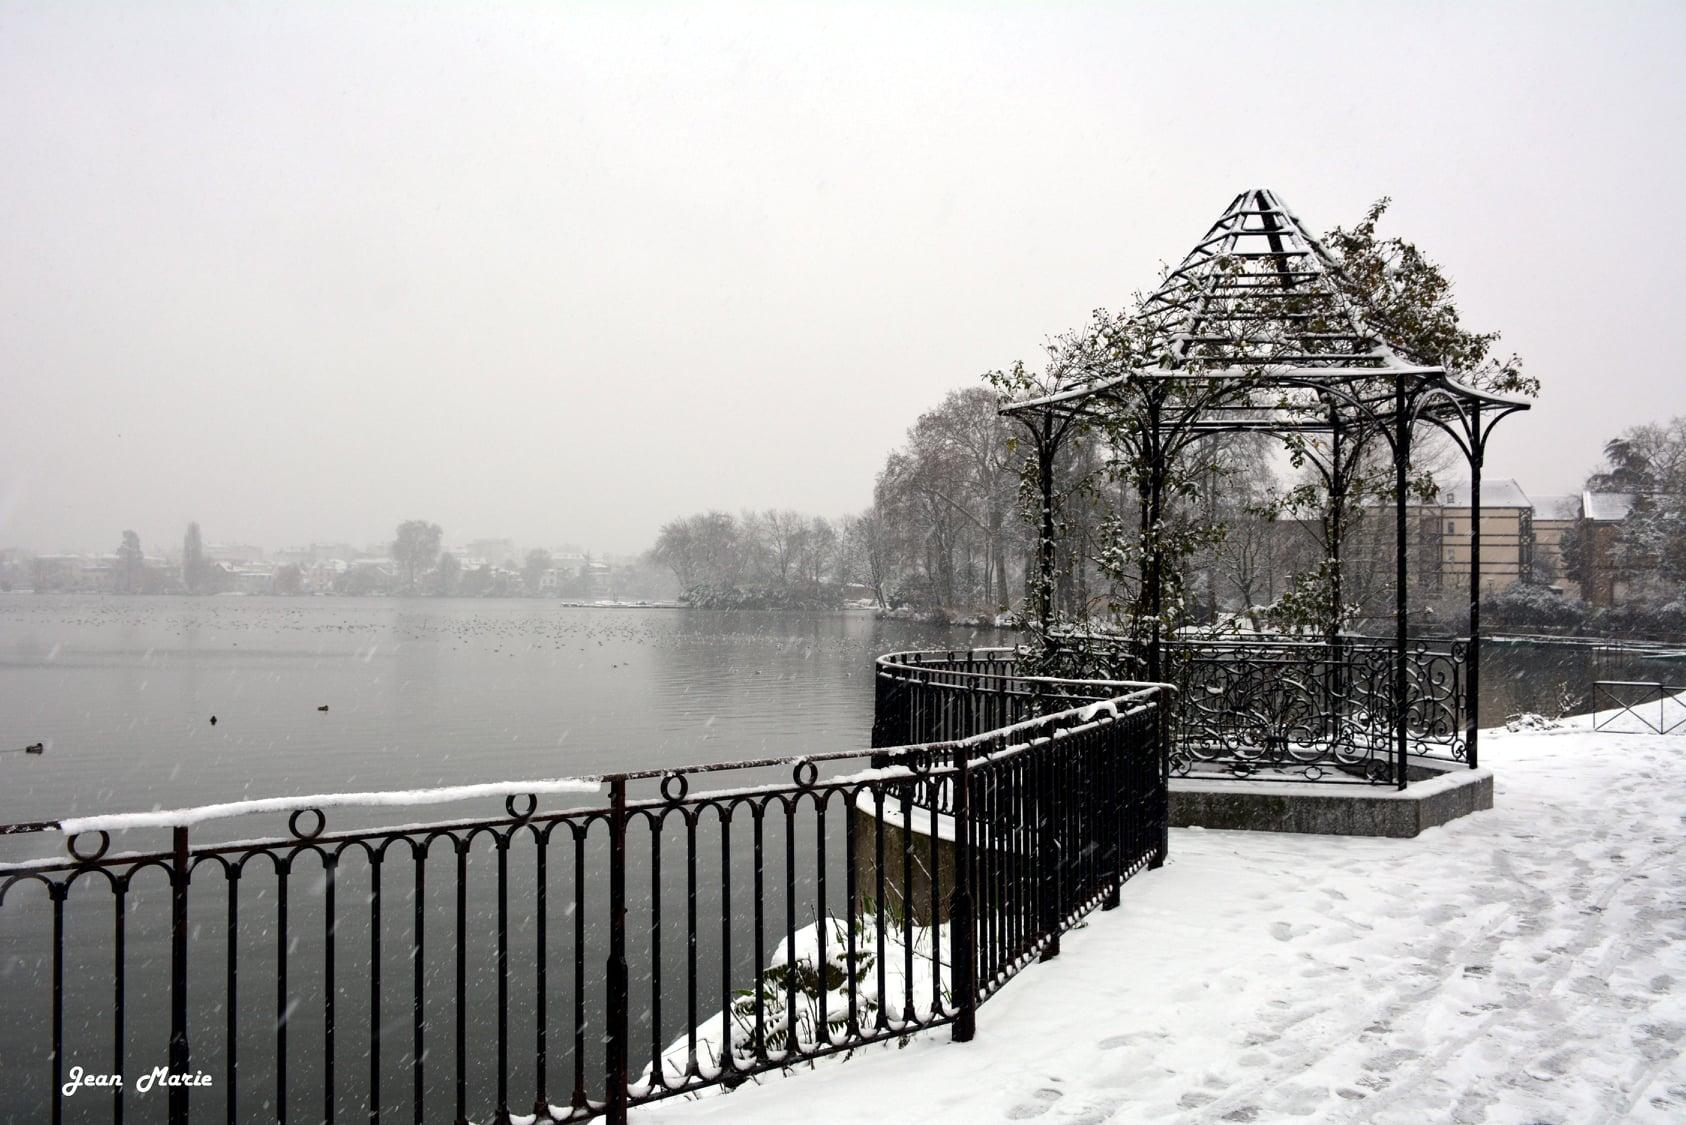 Episode neigeux - Lac d'Enghien (janvier 2021 - photo de Jean-Marie Perdrial)